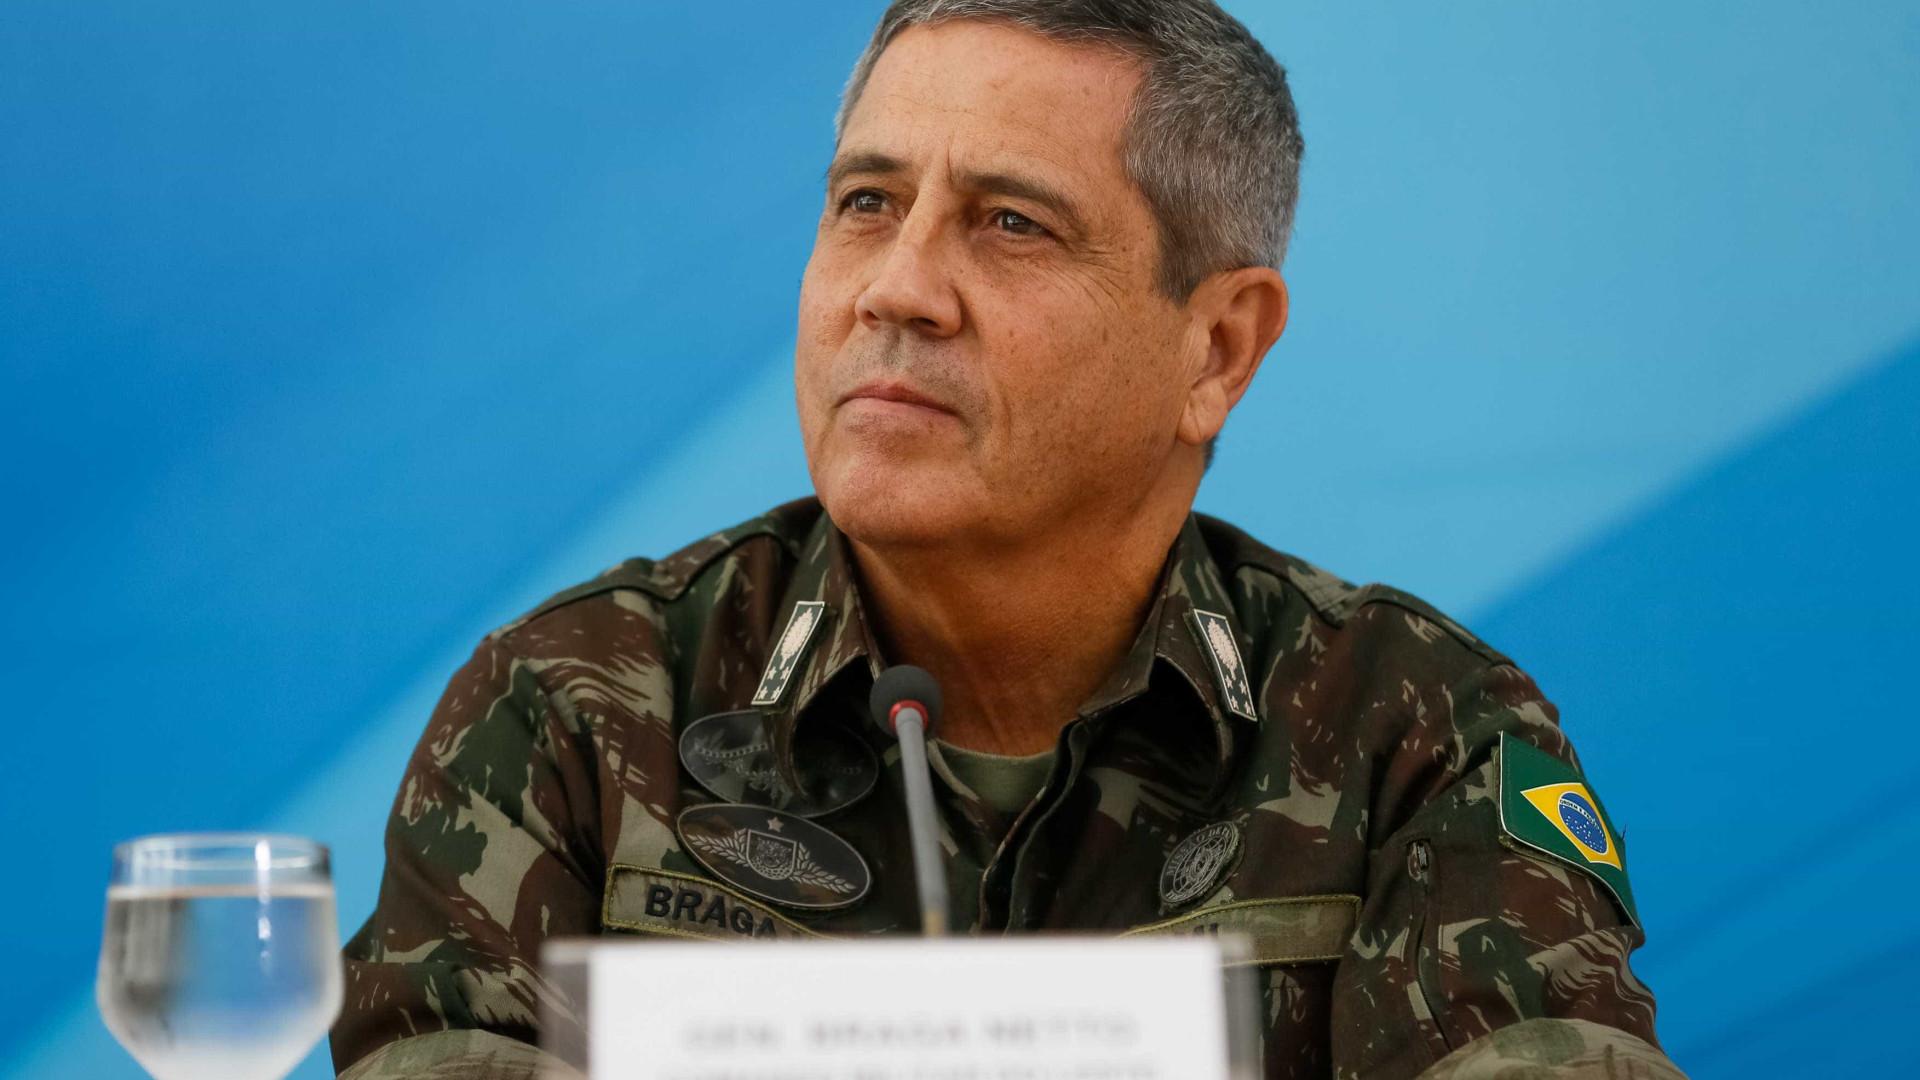 Comandantes militares colocam cargos à disposição e descartam golpismo